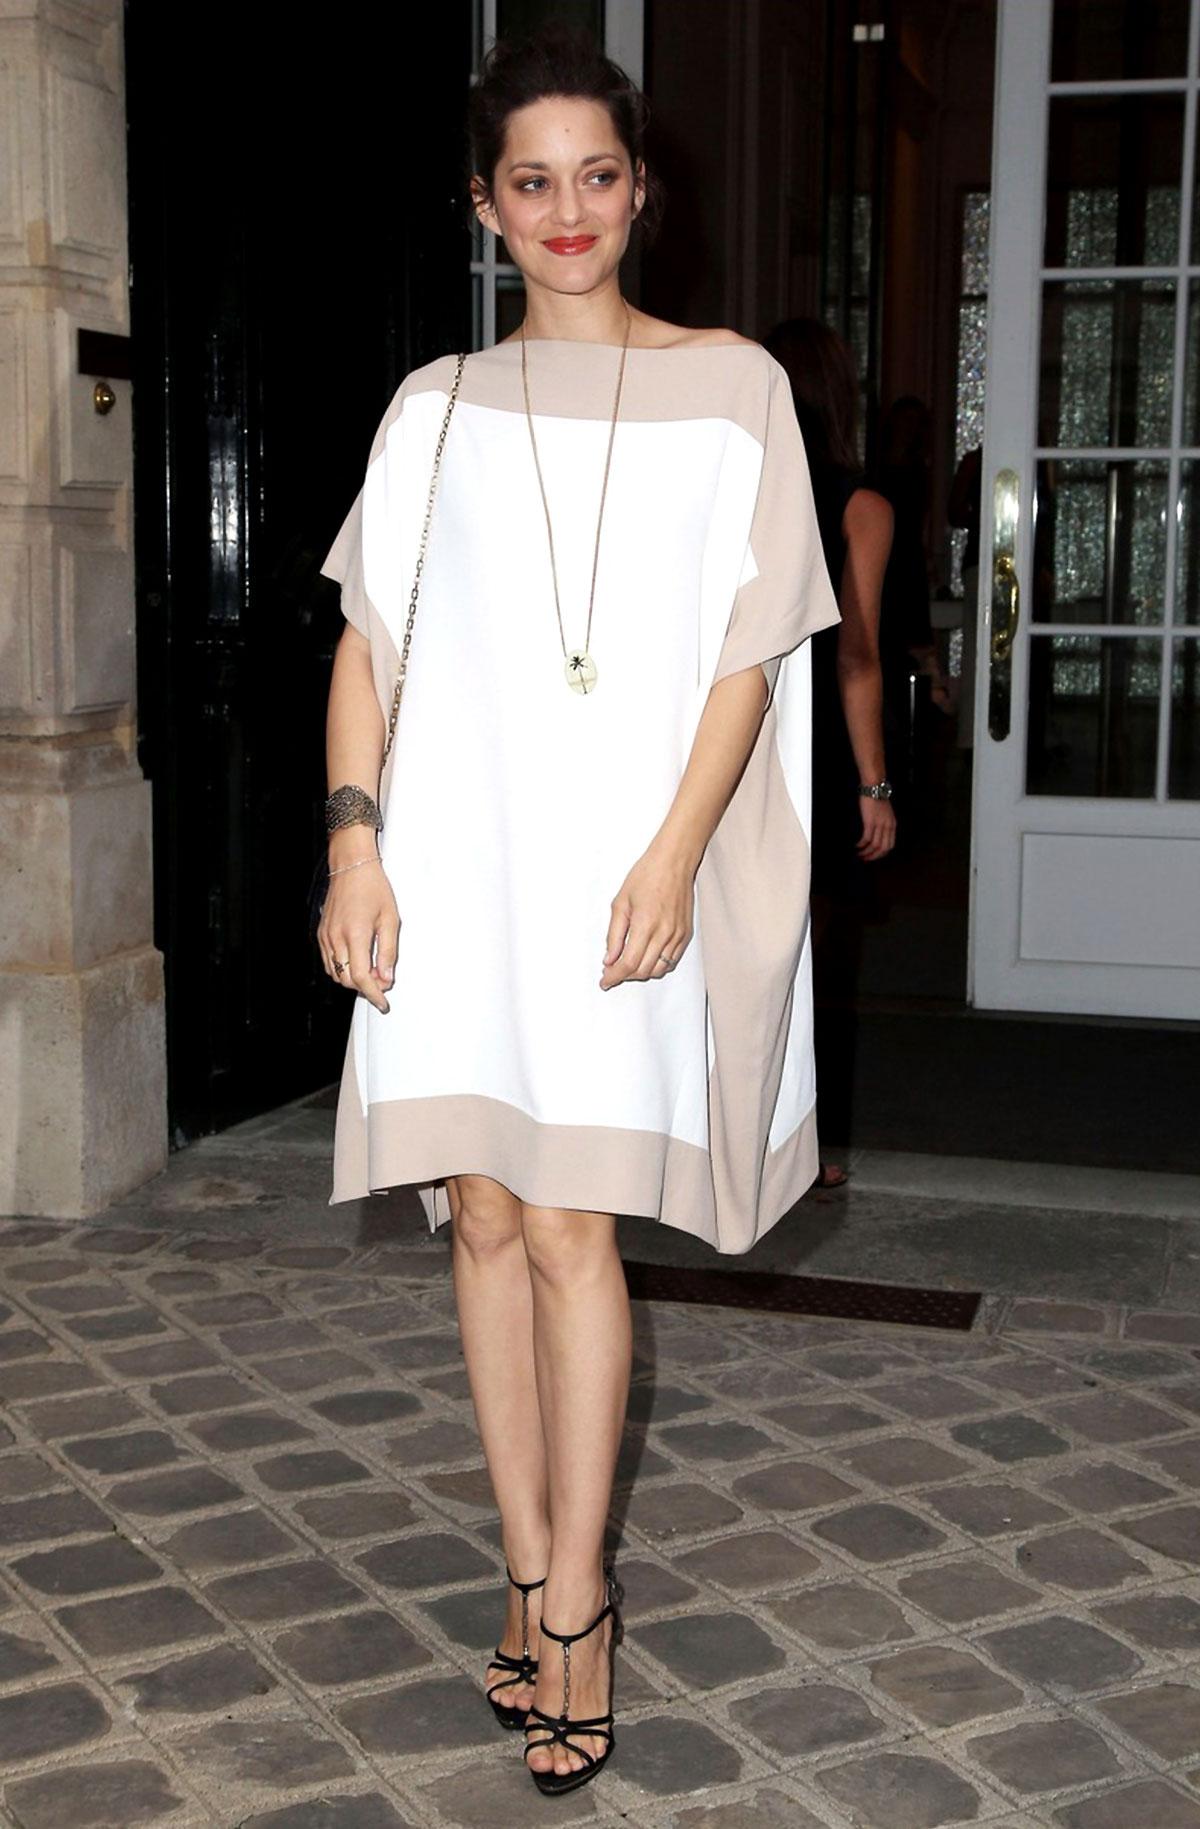 Queen of the week: Marion Cotillard